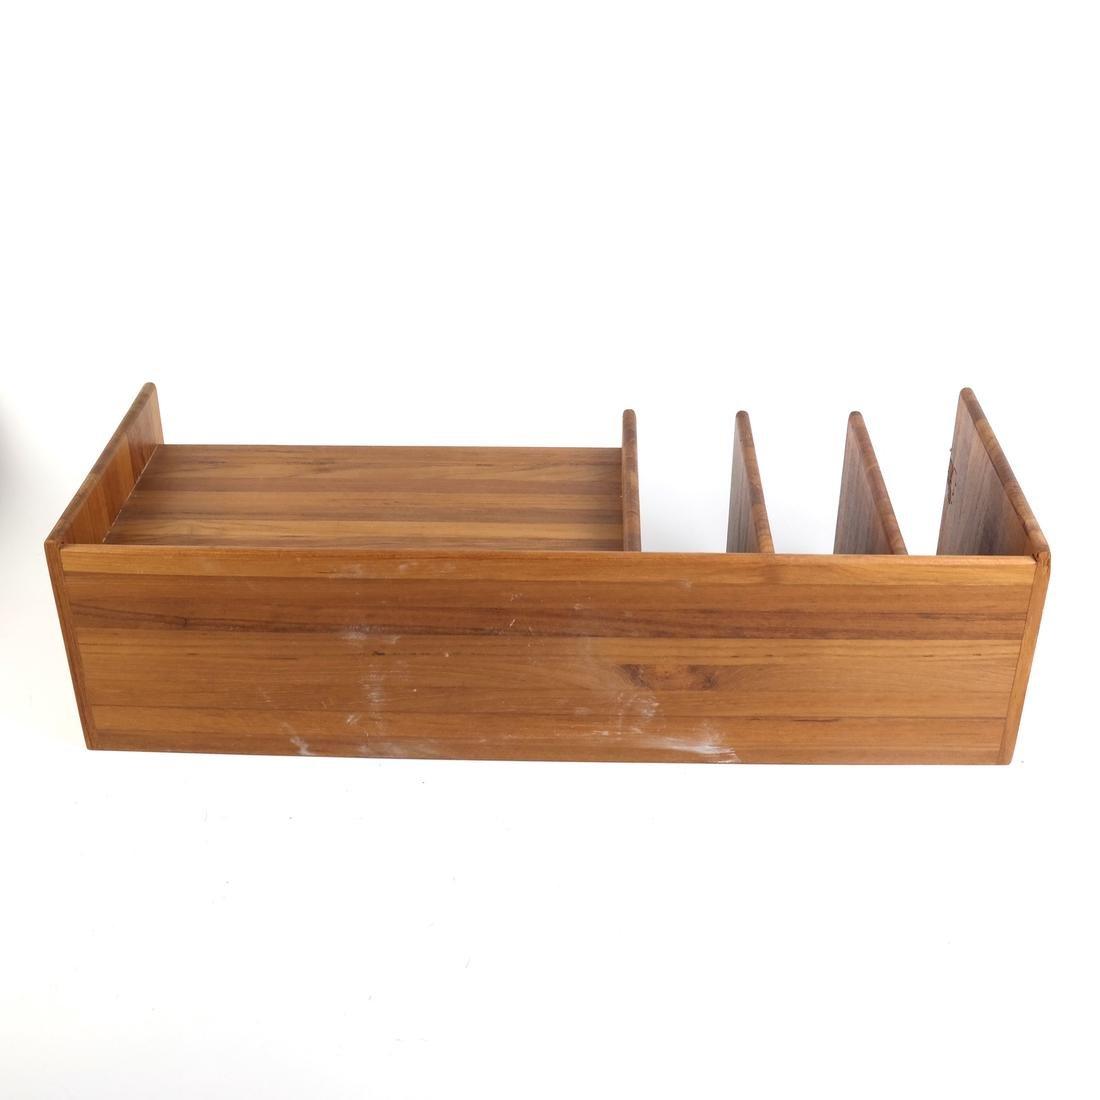 Wooden Desk Organizer - 6